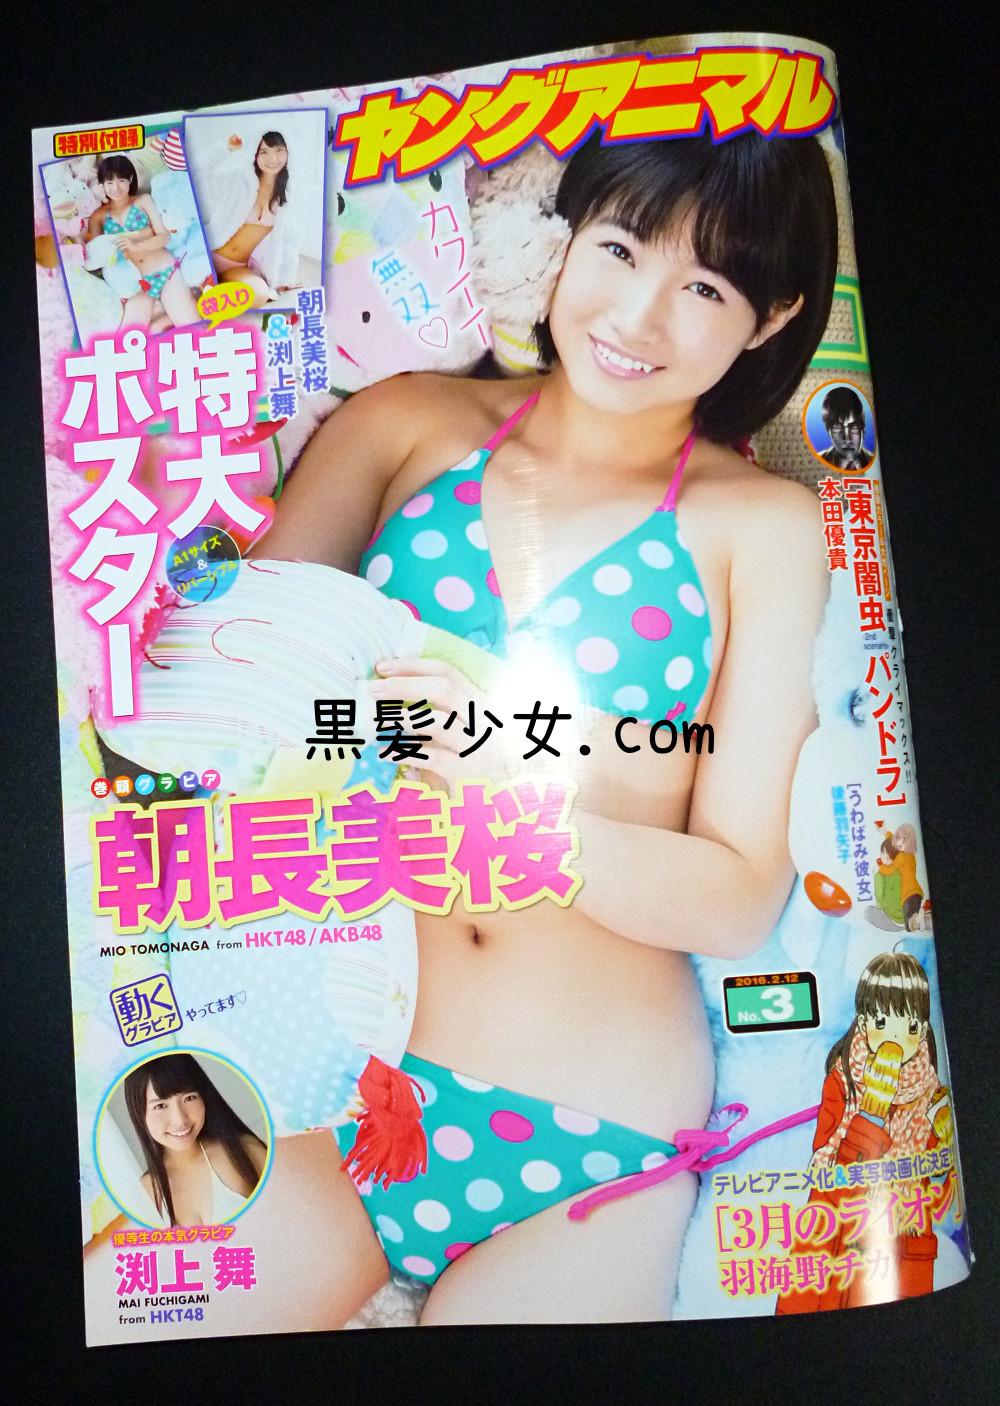 ヤングアニマル HKT48朝長美桜 表紙水着グラビア&ポスター 2016年2月12日号